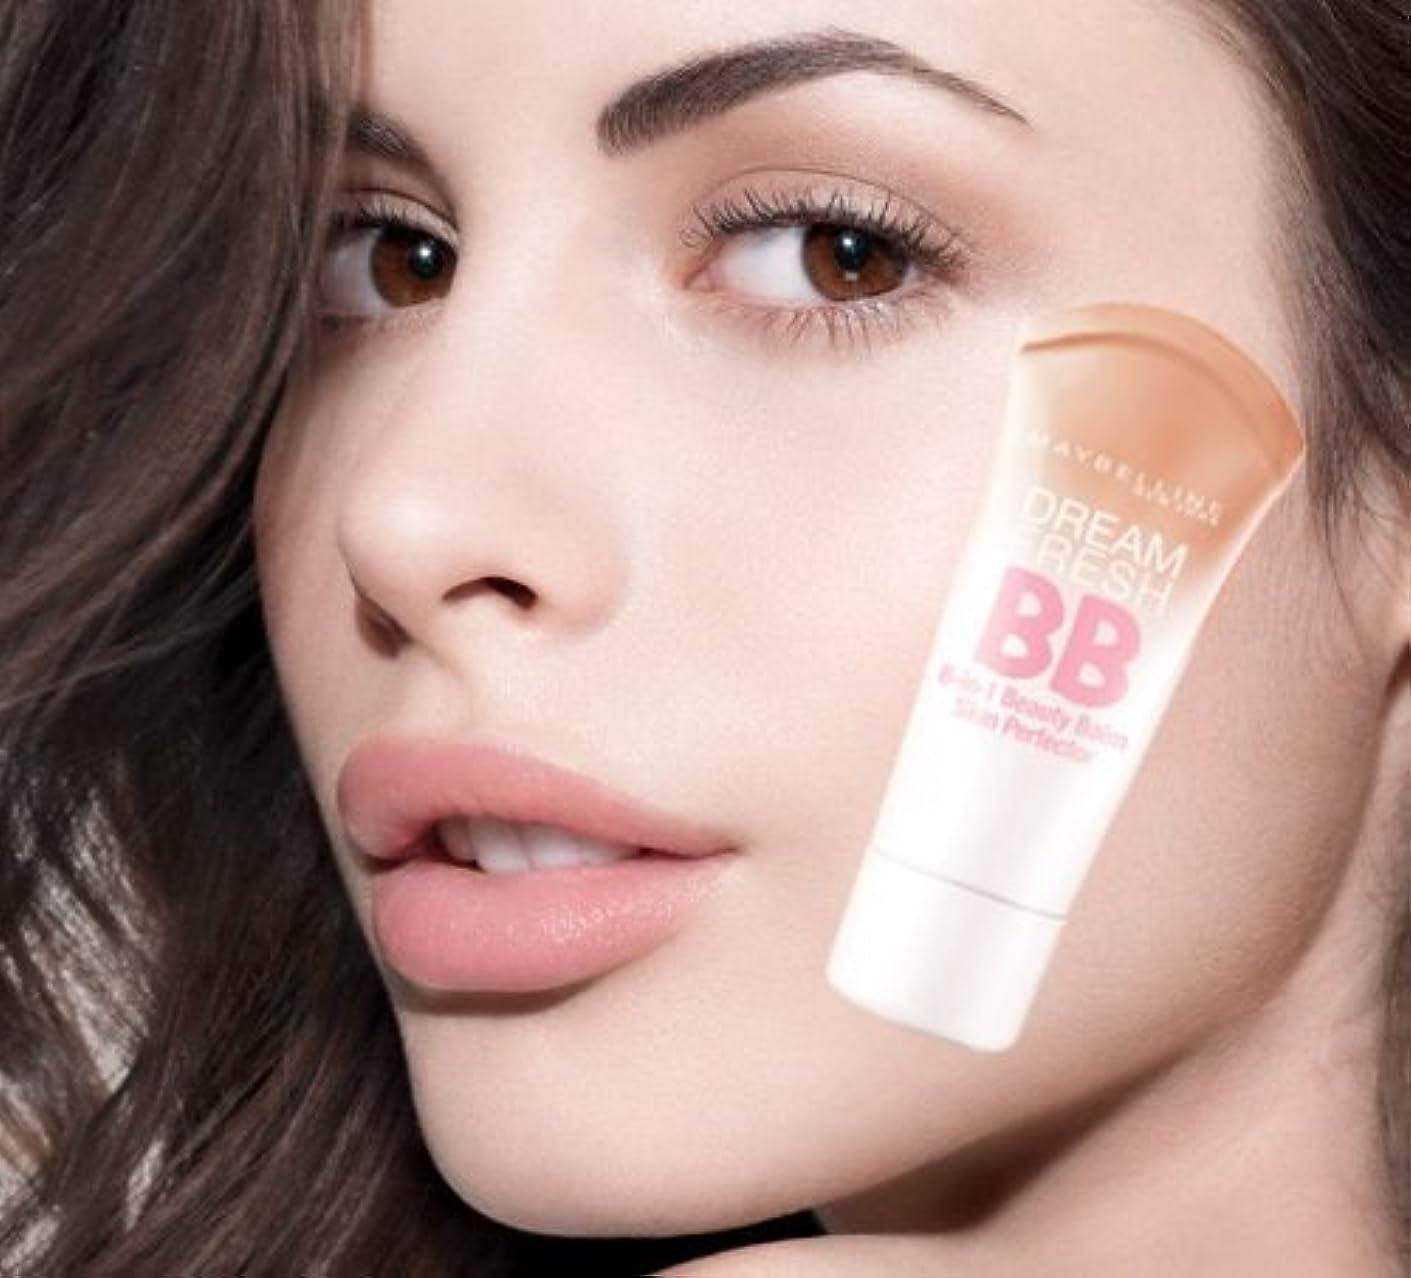 タービンラジカル審判メイベリン BBクリーム ミディアムカラー SPF 30*Maybelline Dream Fresh BB Cream 30ml【平行輸入品】